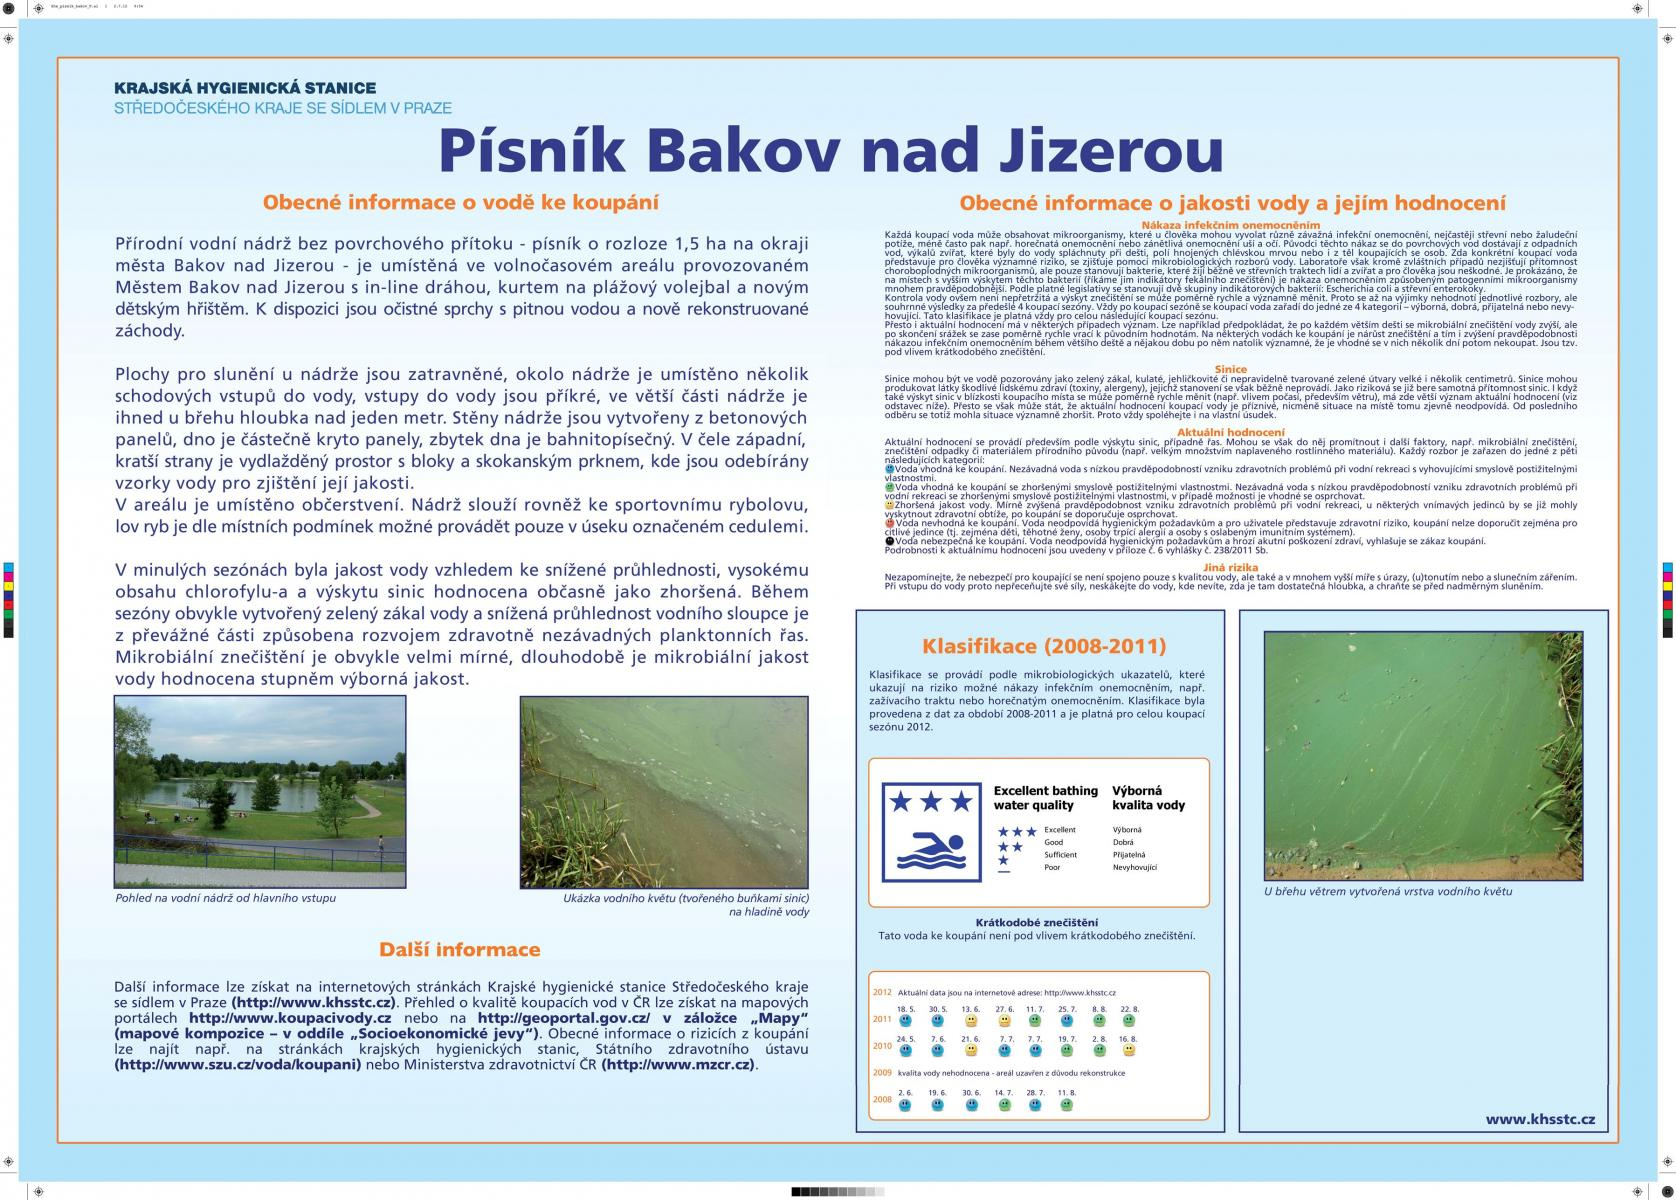 Písník Bakov nad Jizerou